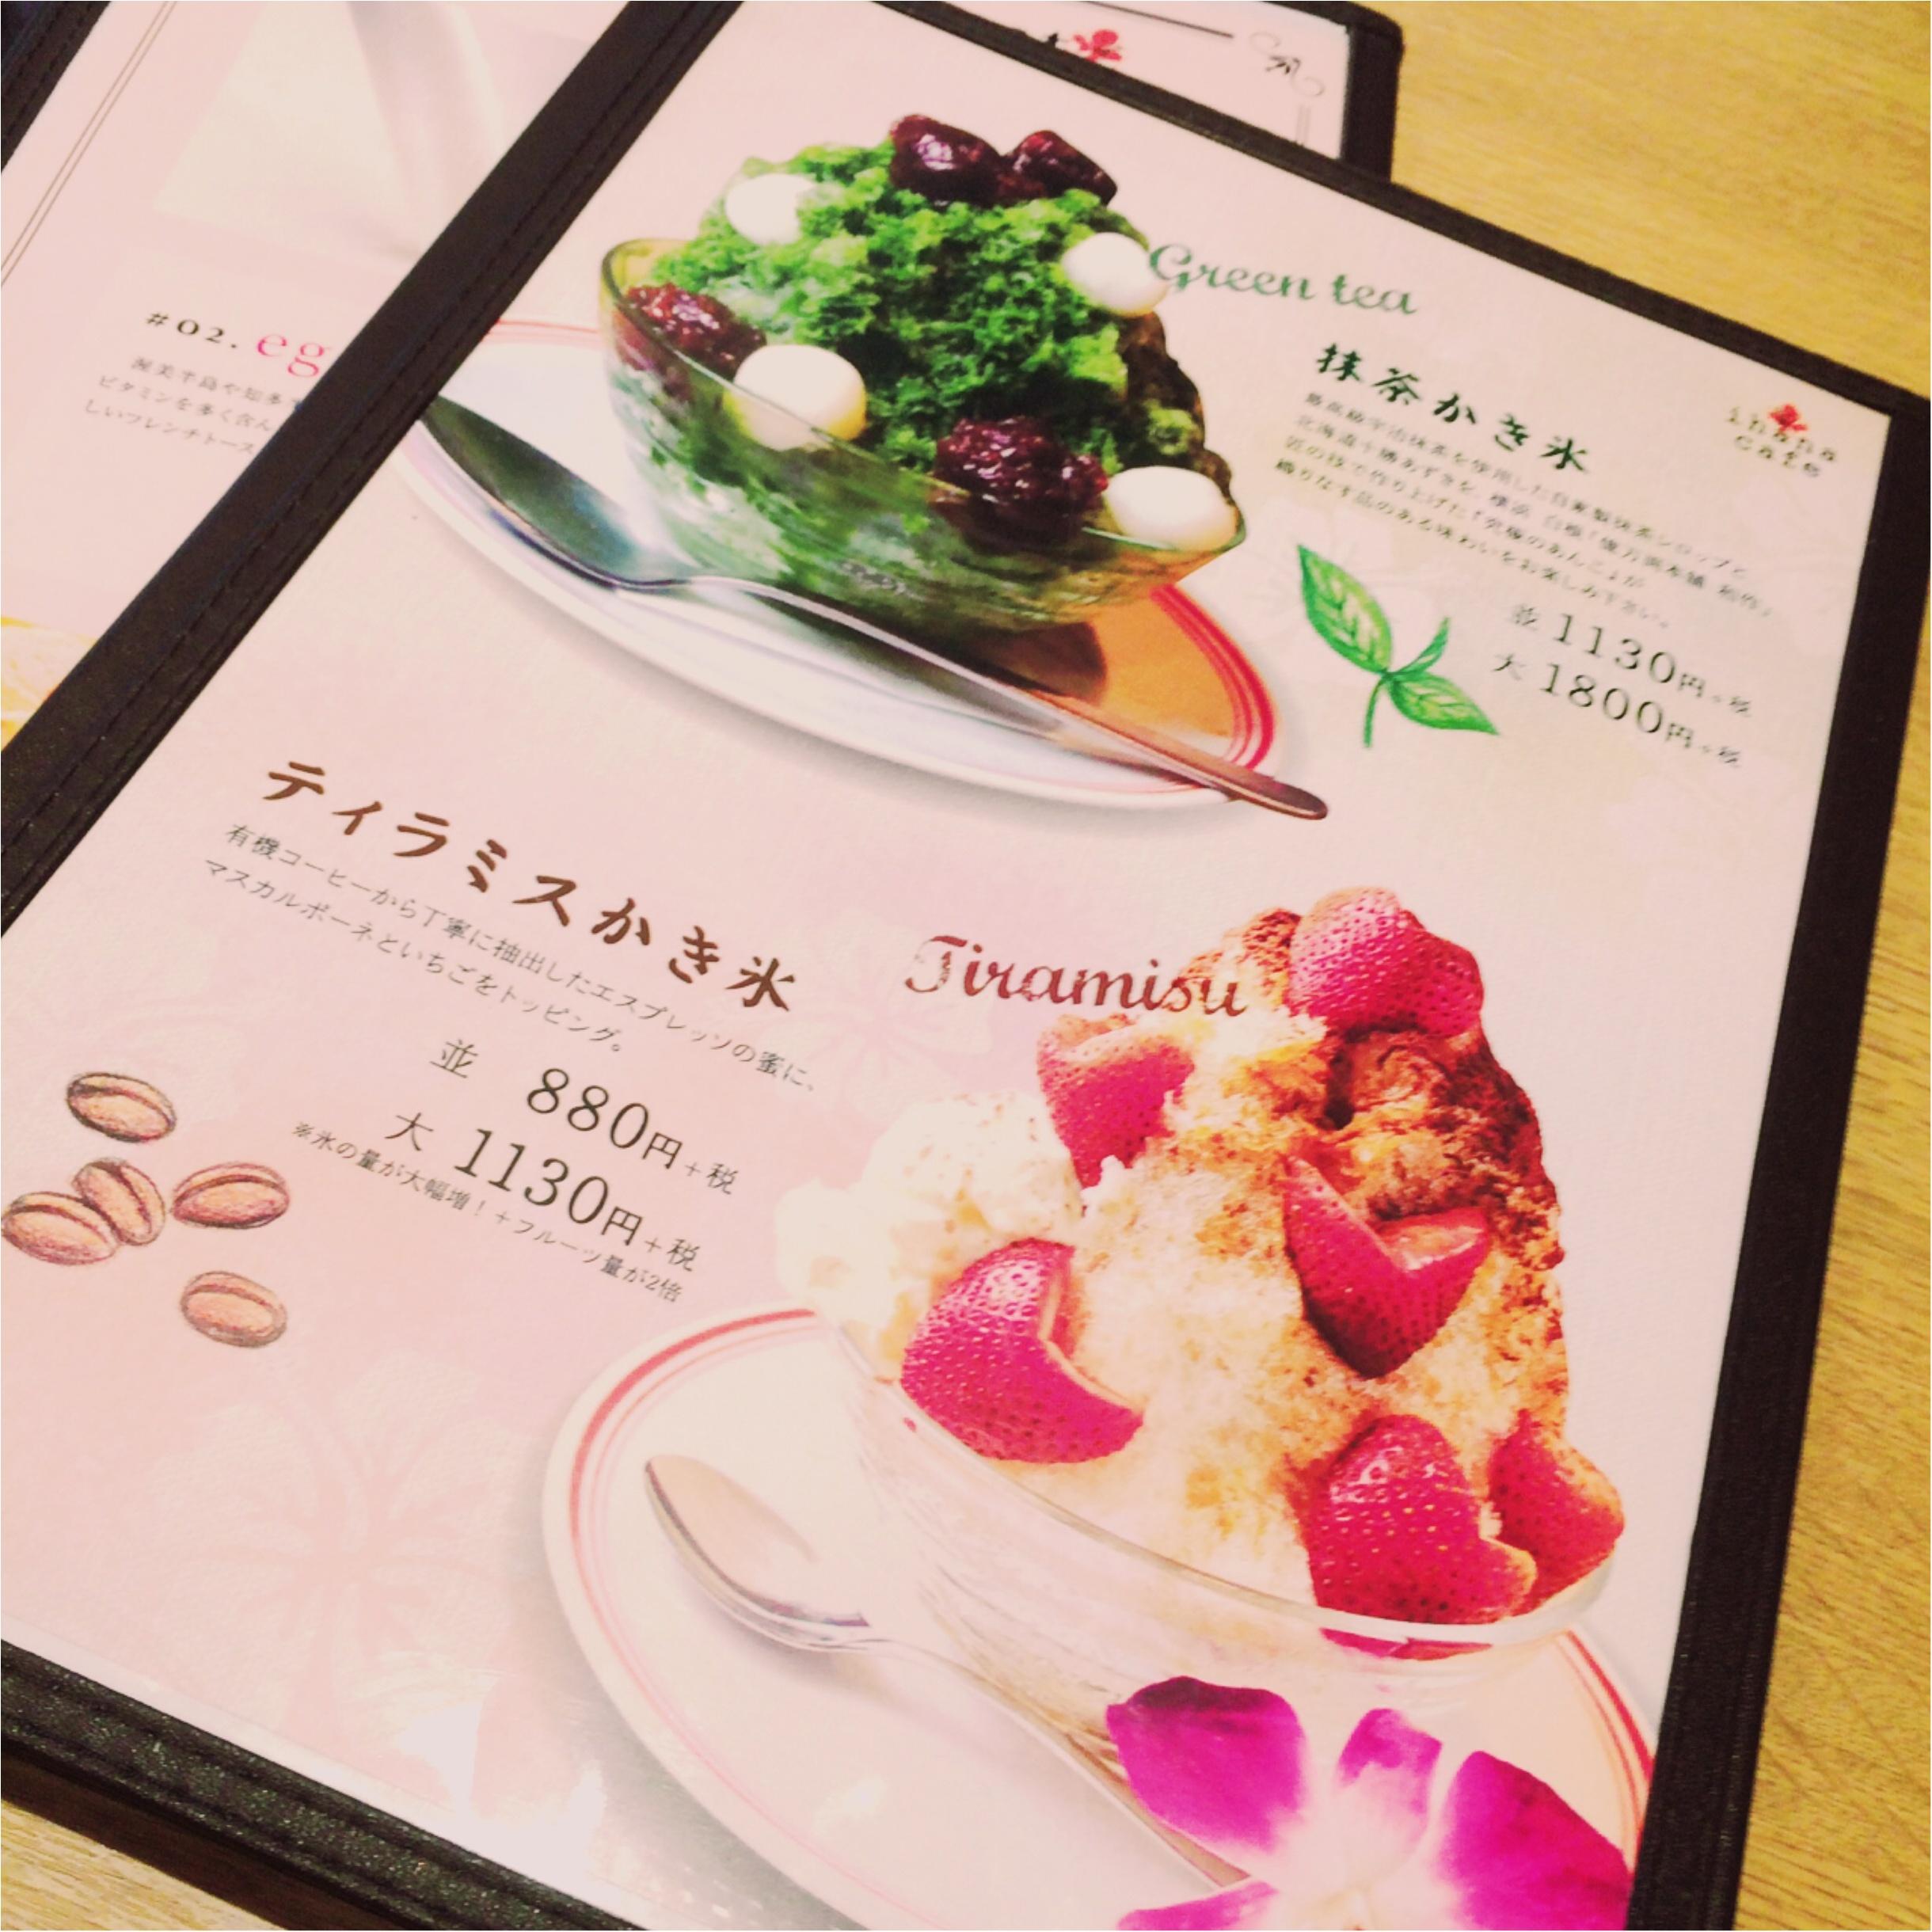 ★読めば絶対食べたくなる♡名古屋に来たら迷わず寄って欲しい、フレンチトースト専門店★_12